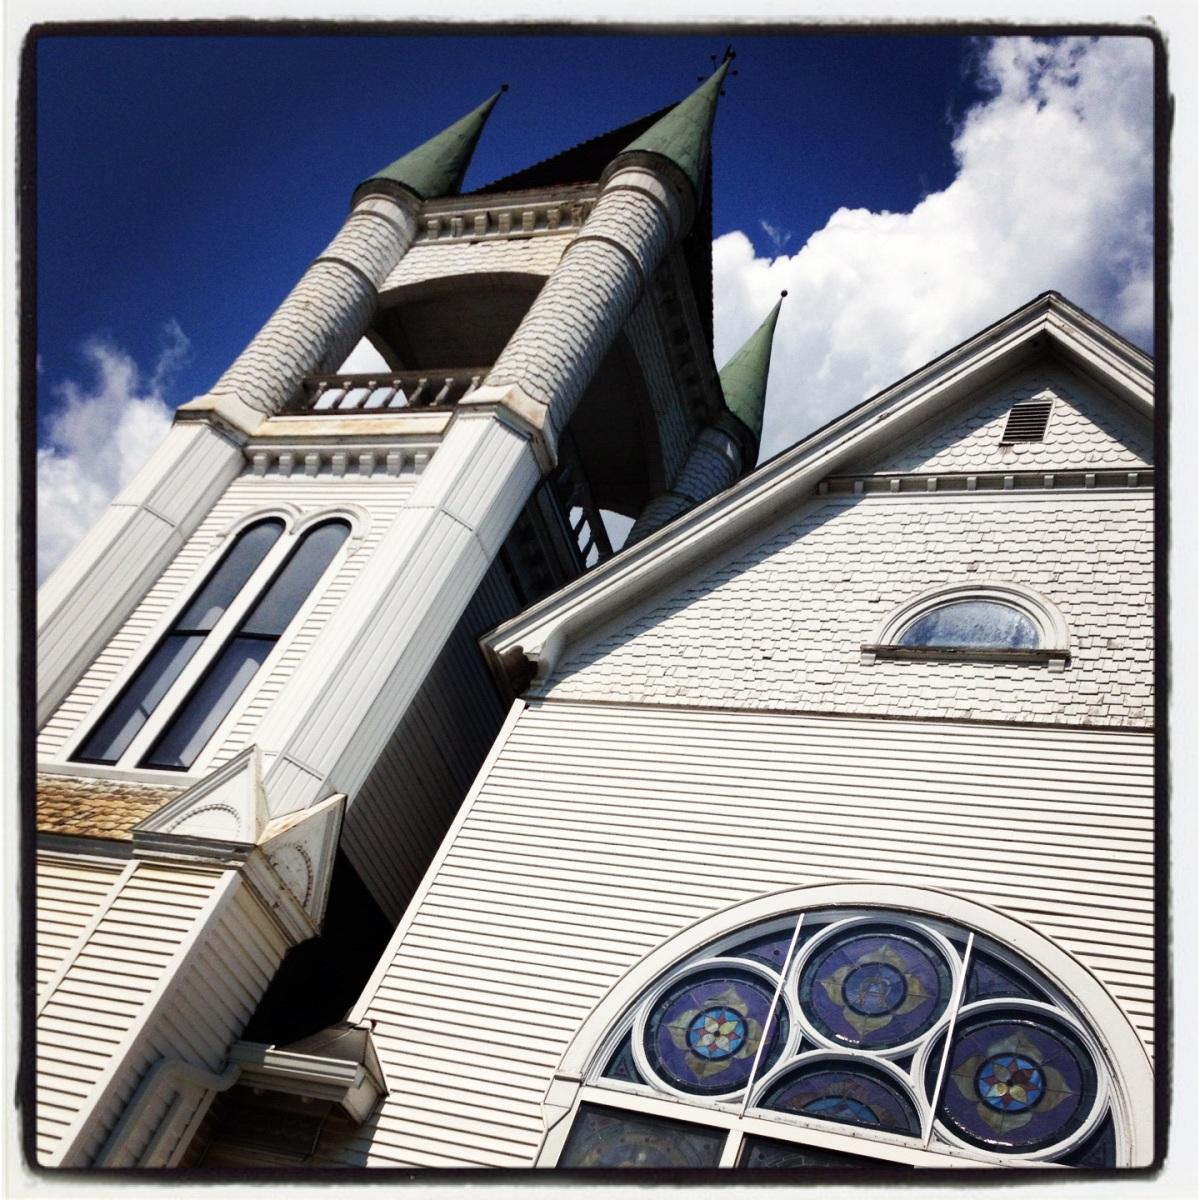 VT church